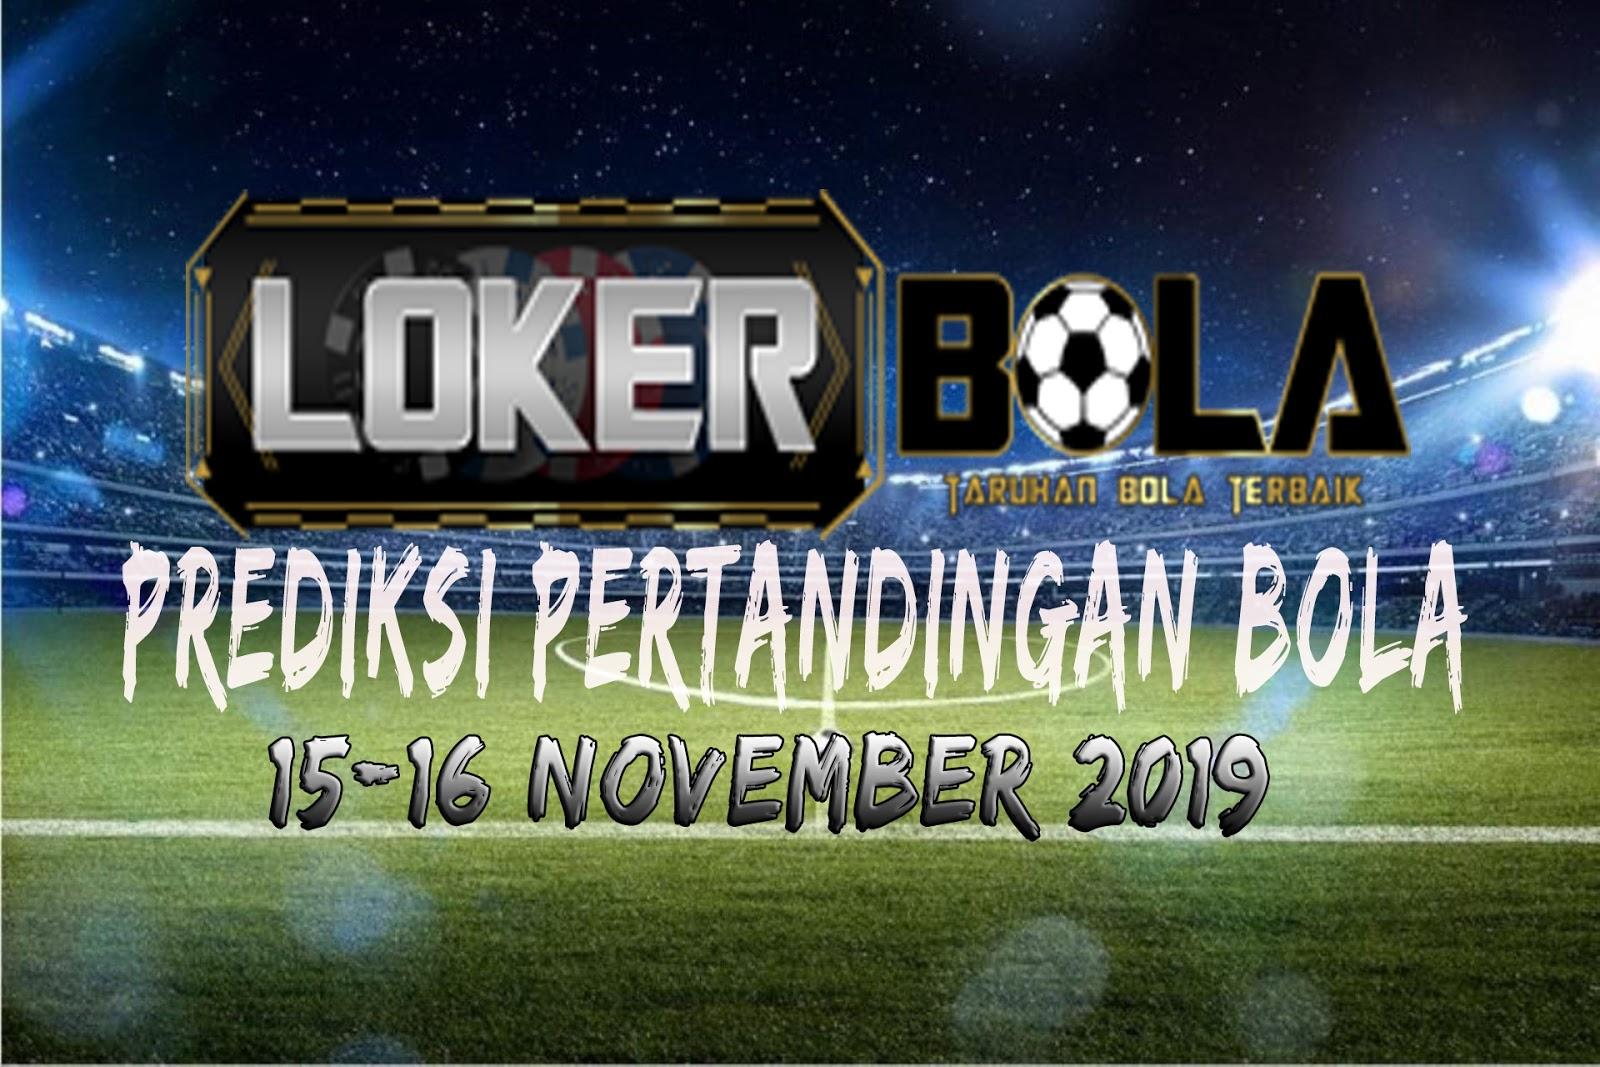 PREDIKSI PERTANDINGAN BOLA 15 – 16 NOVEMBER 2019